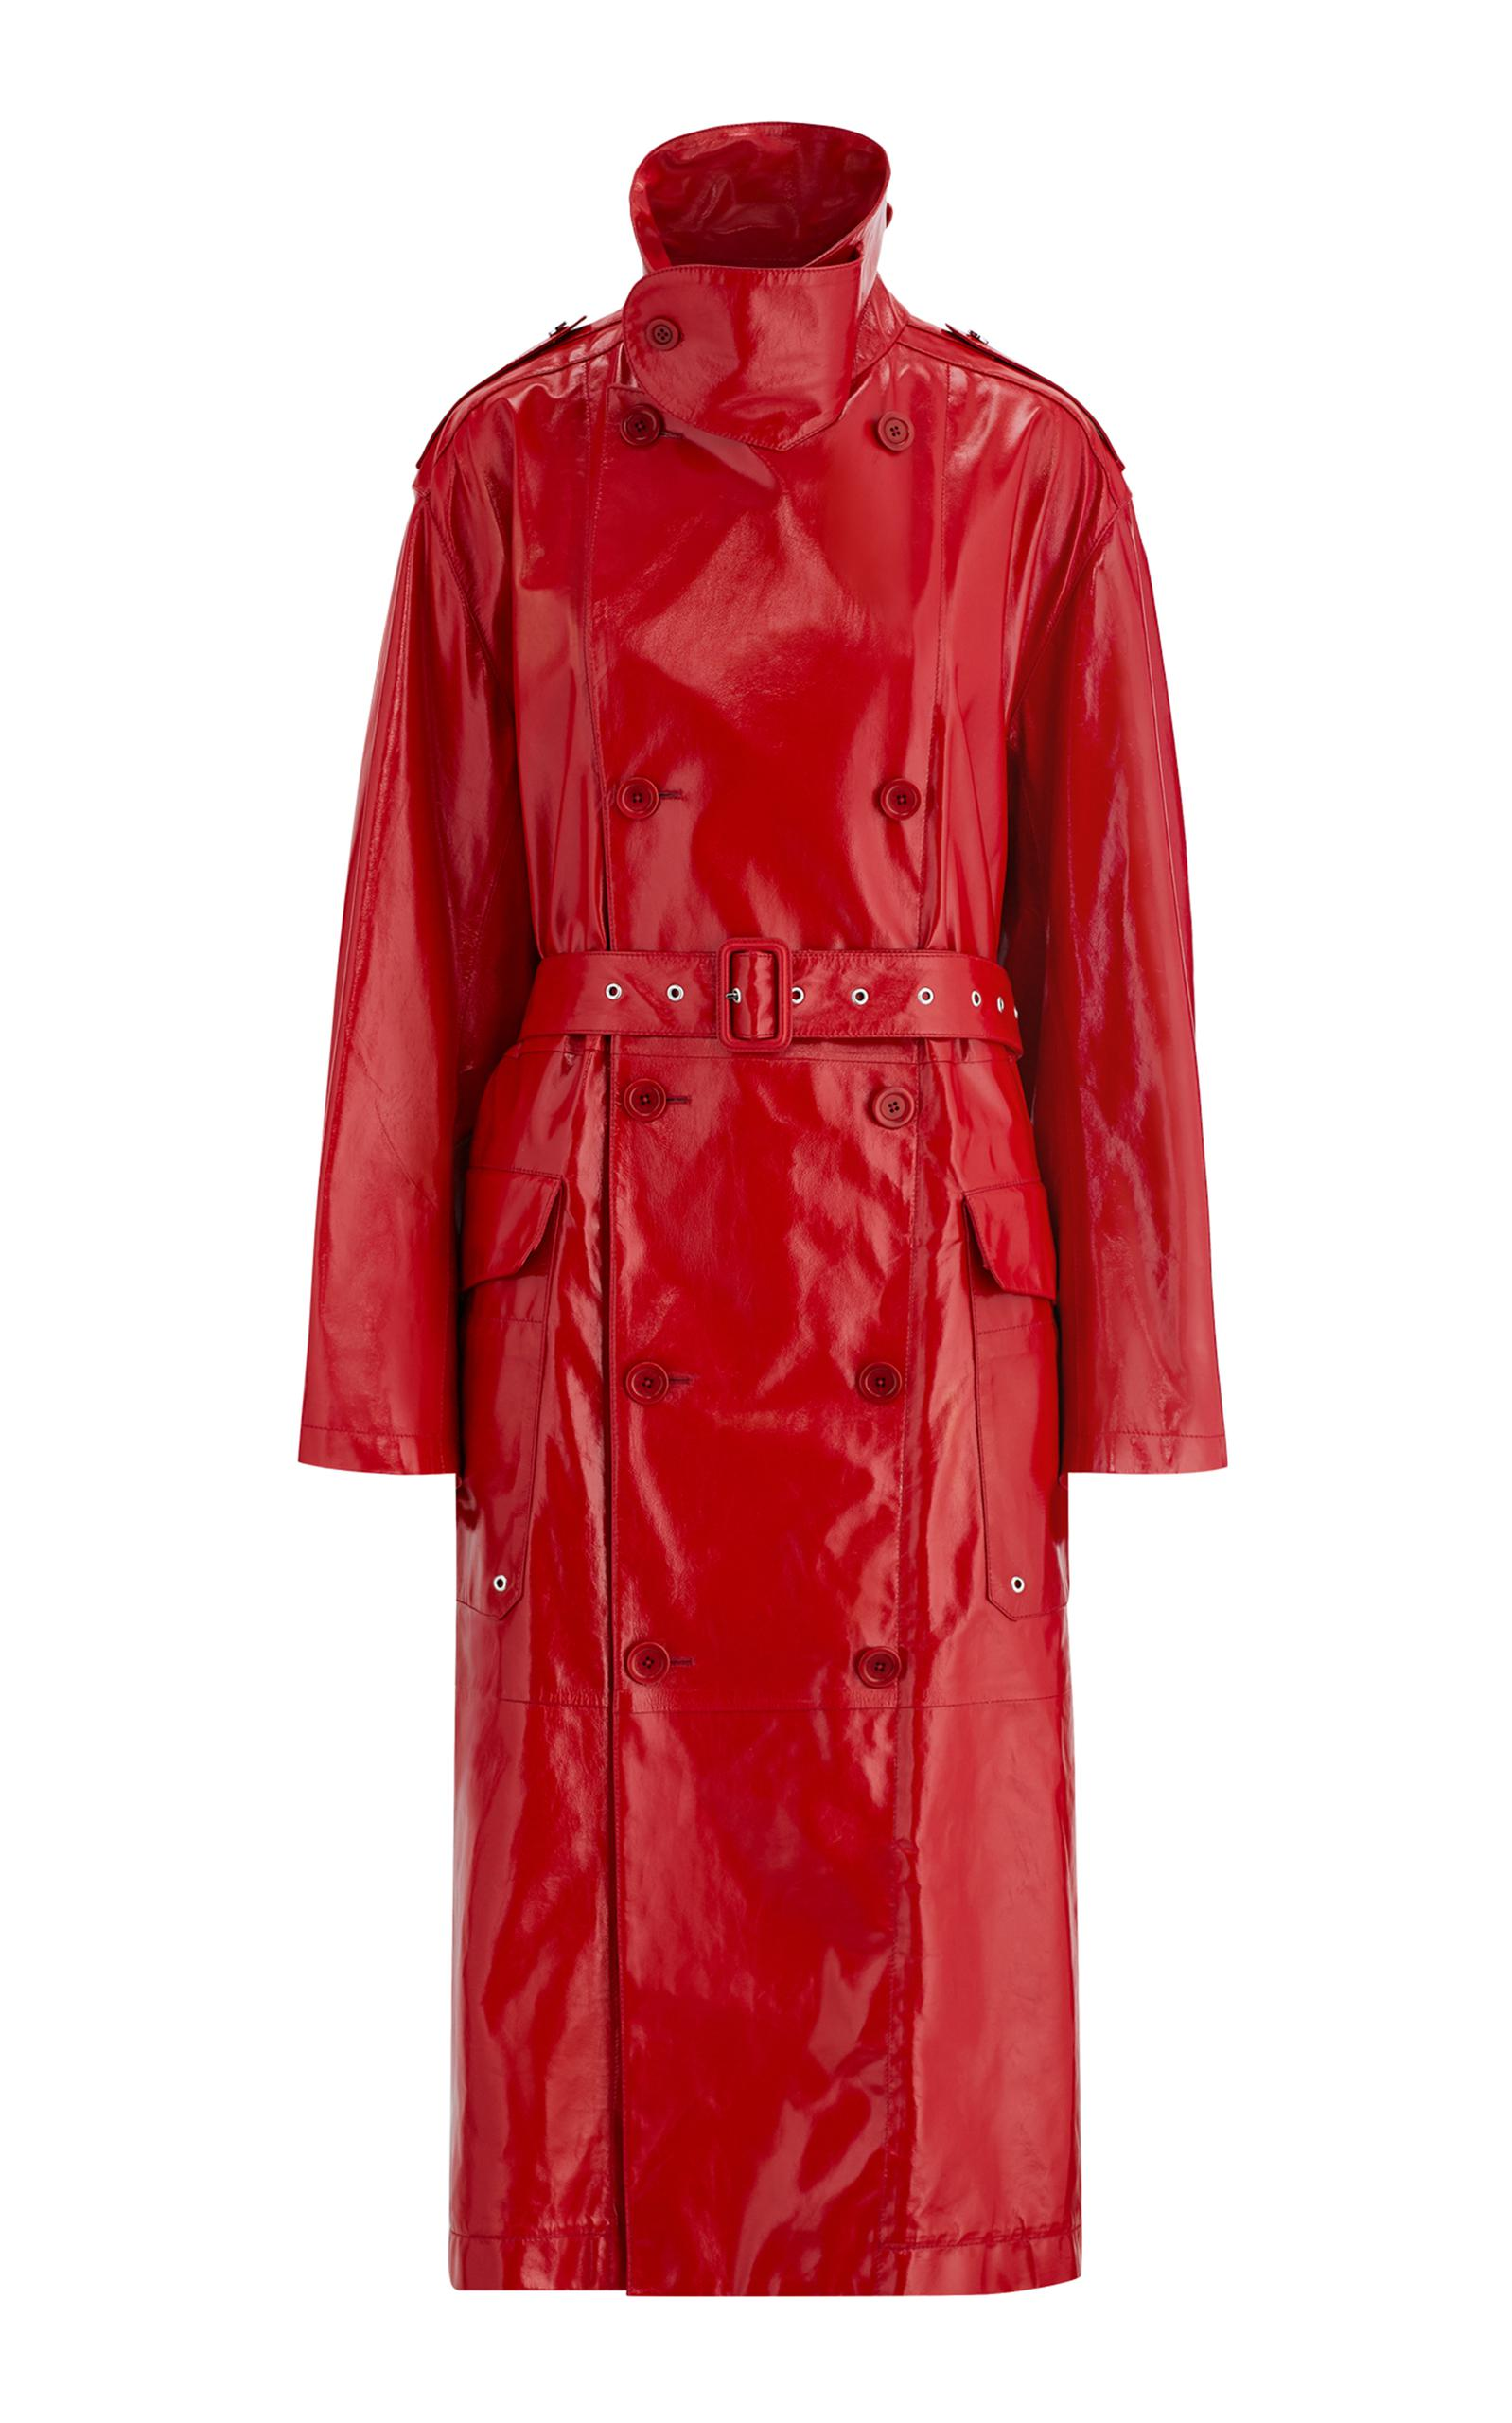 Ralph lauren trench coat women